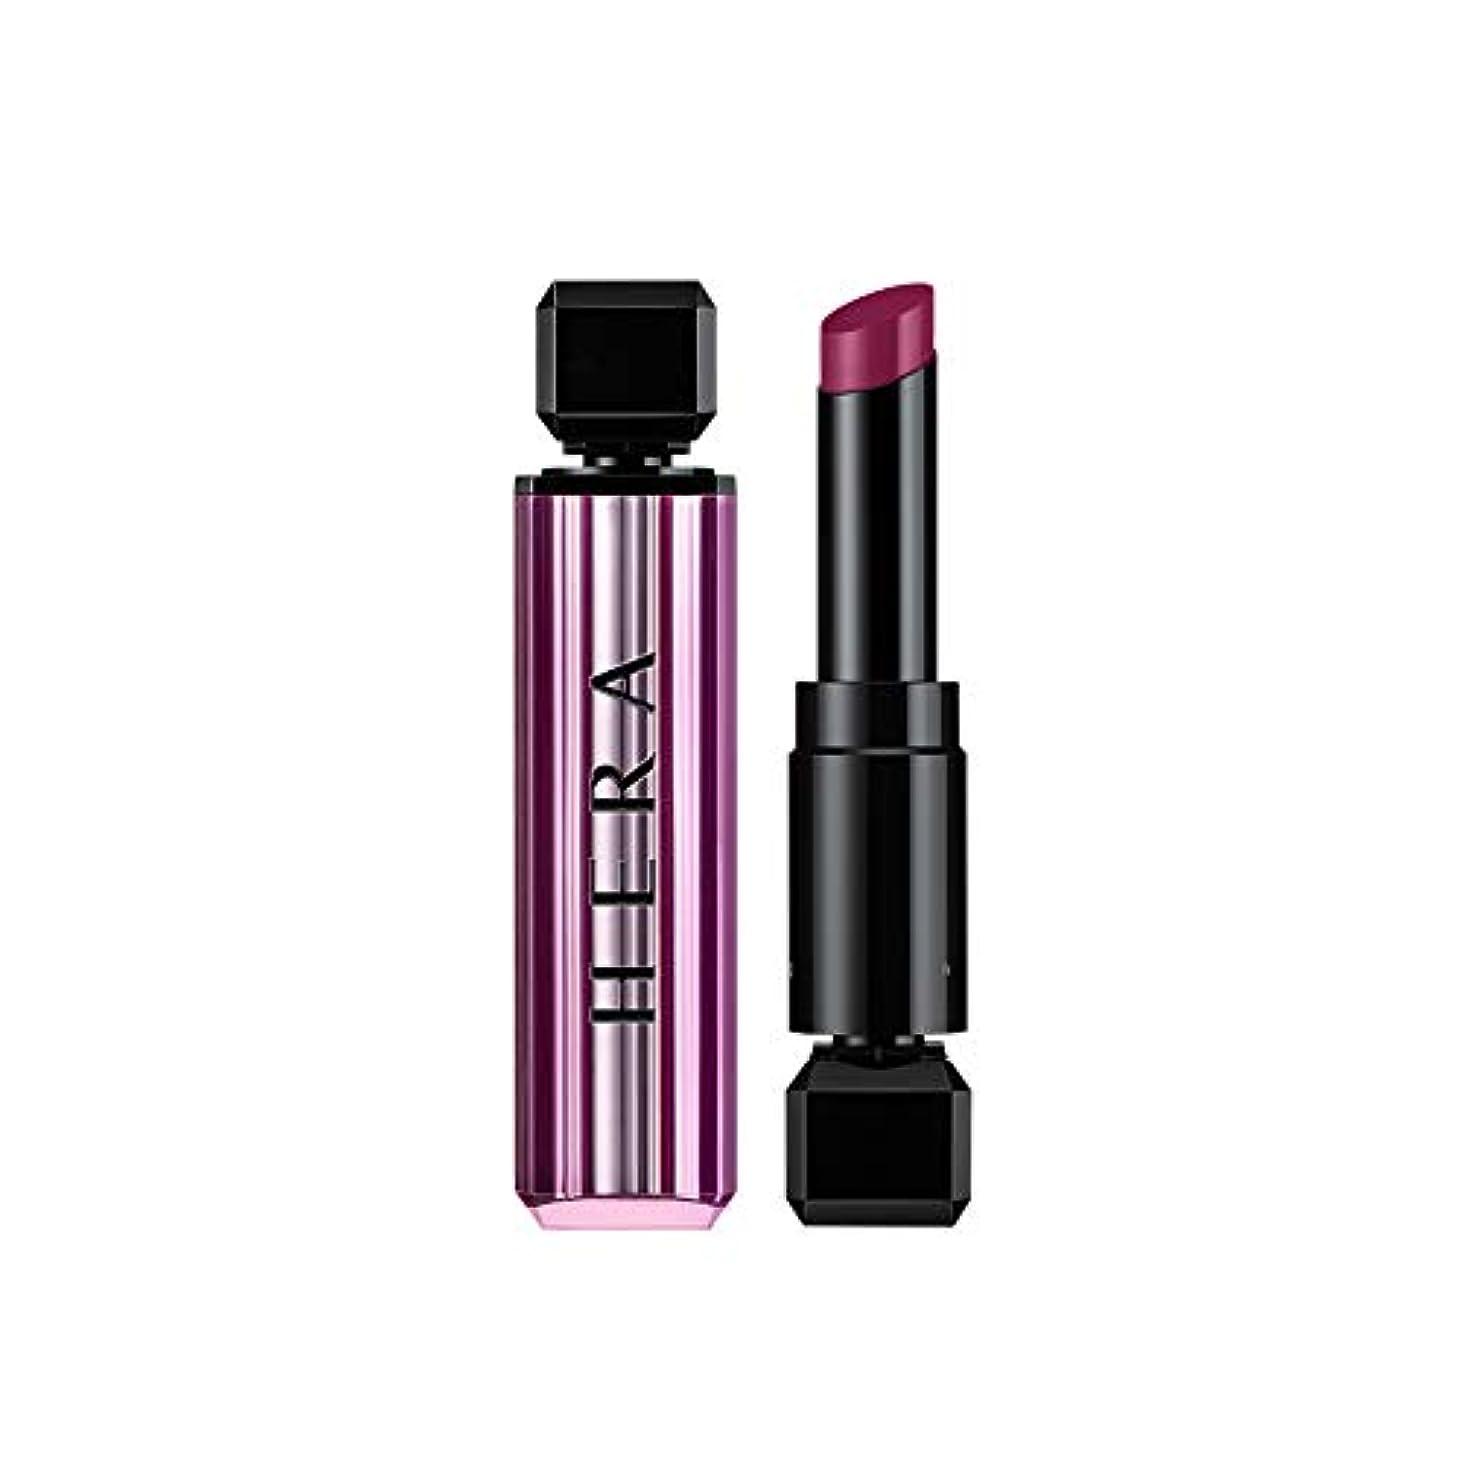 転用章カウント【HERA公式】ヘラ リップジェルクラッシュ/HERA Lip Gelcrush 141号 マイサッシ―ピンク #141 My Sassy Pink